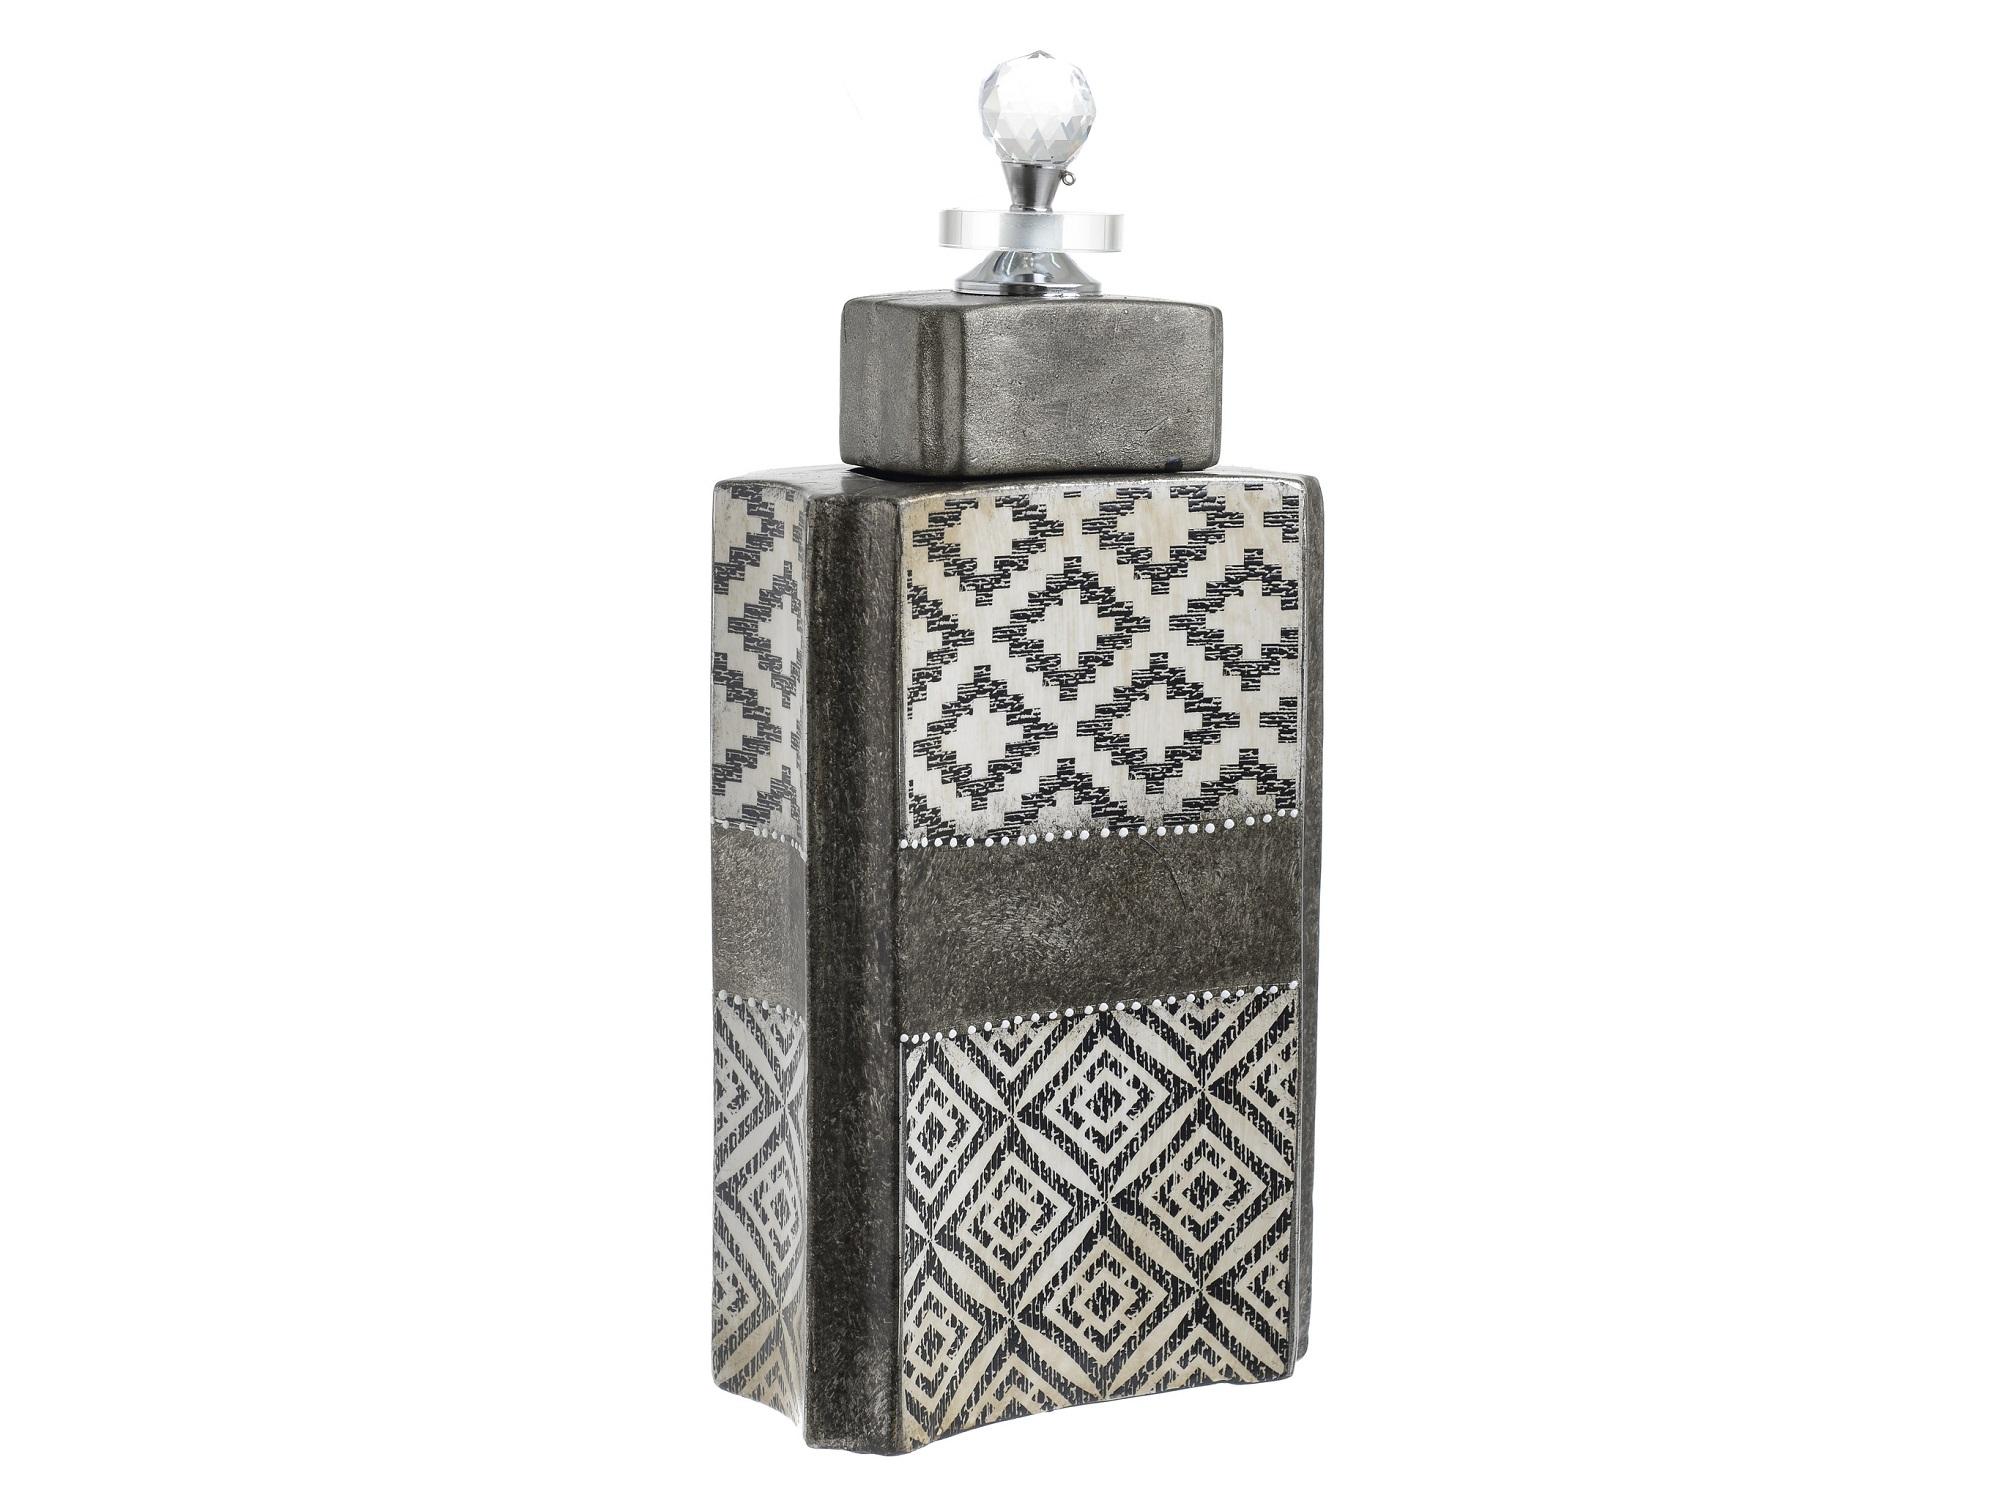 Ваза с крышкой KillianЕмкости для хранения<br><br><br>Material: Керамика<br>Ширина см: 16.0<br>Высота см: 29.0<br>Глубина см: 9.0